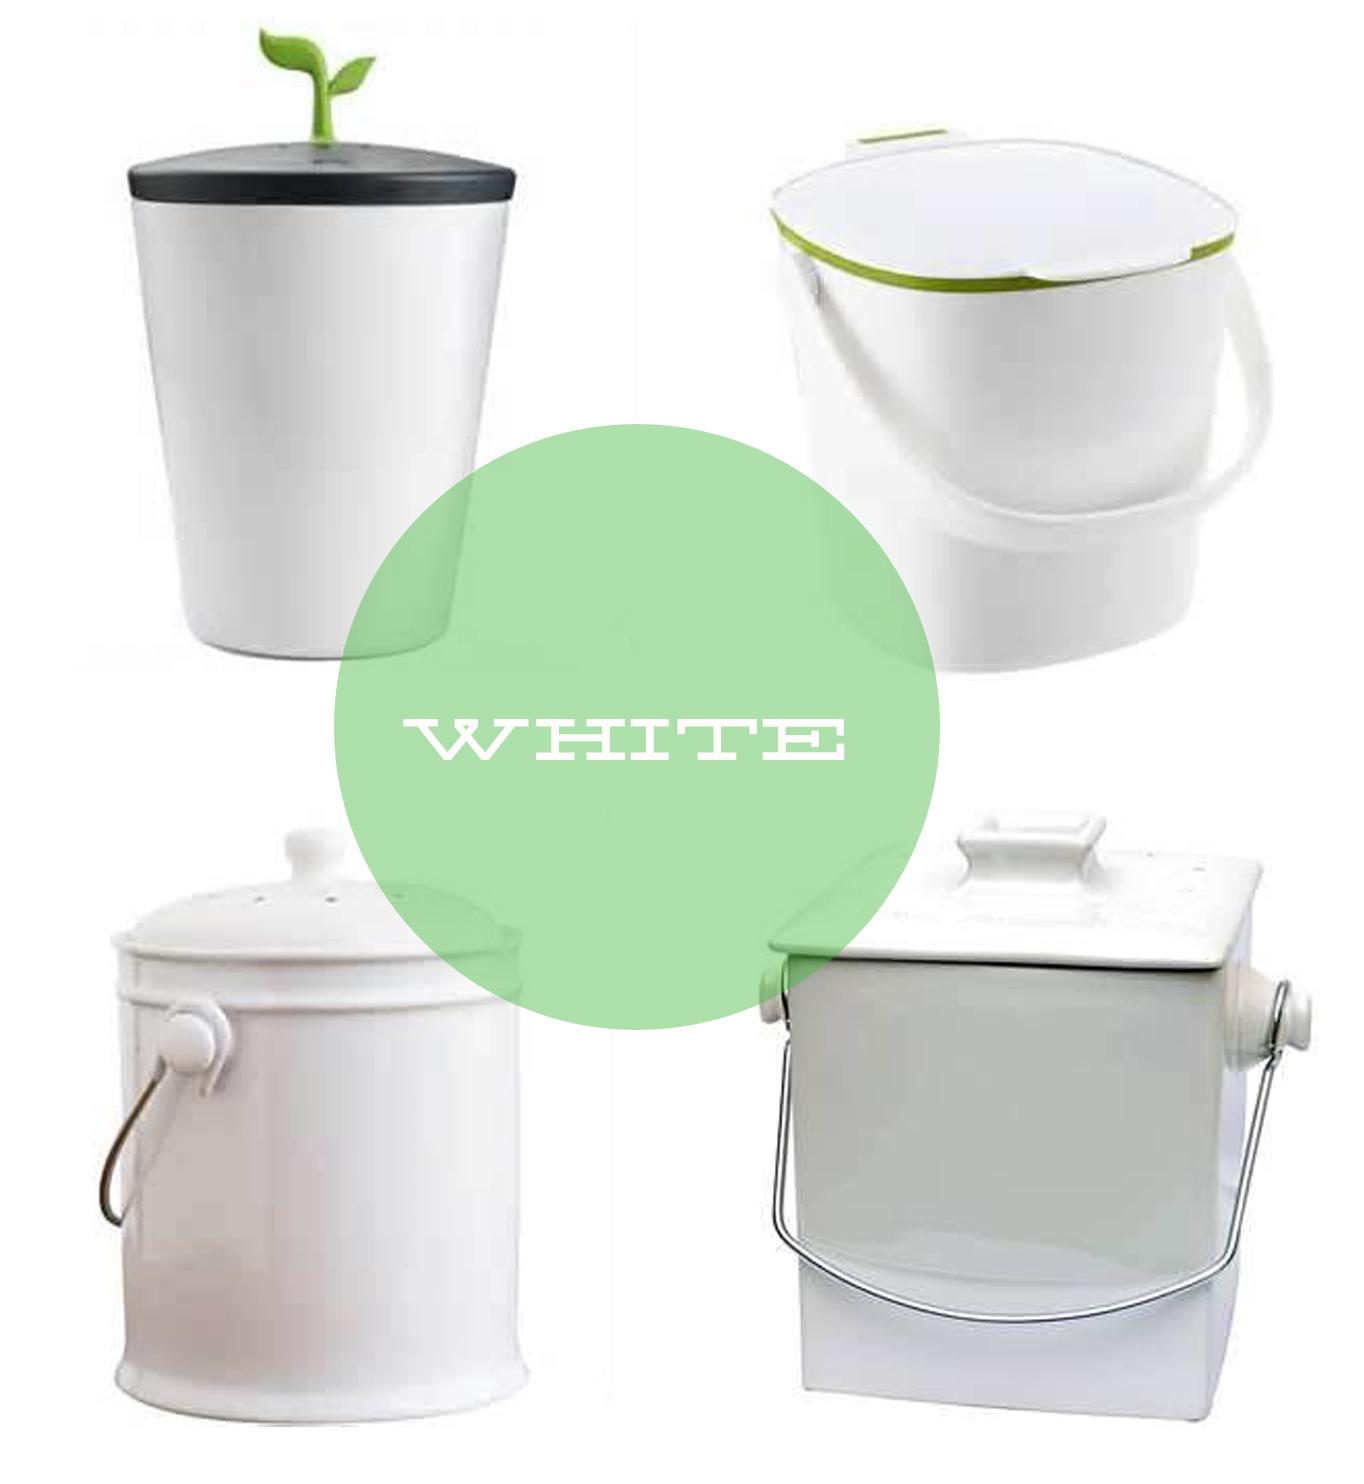 WhiteCompost